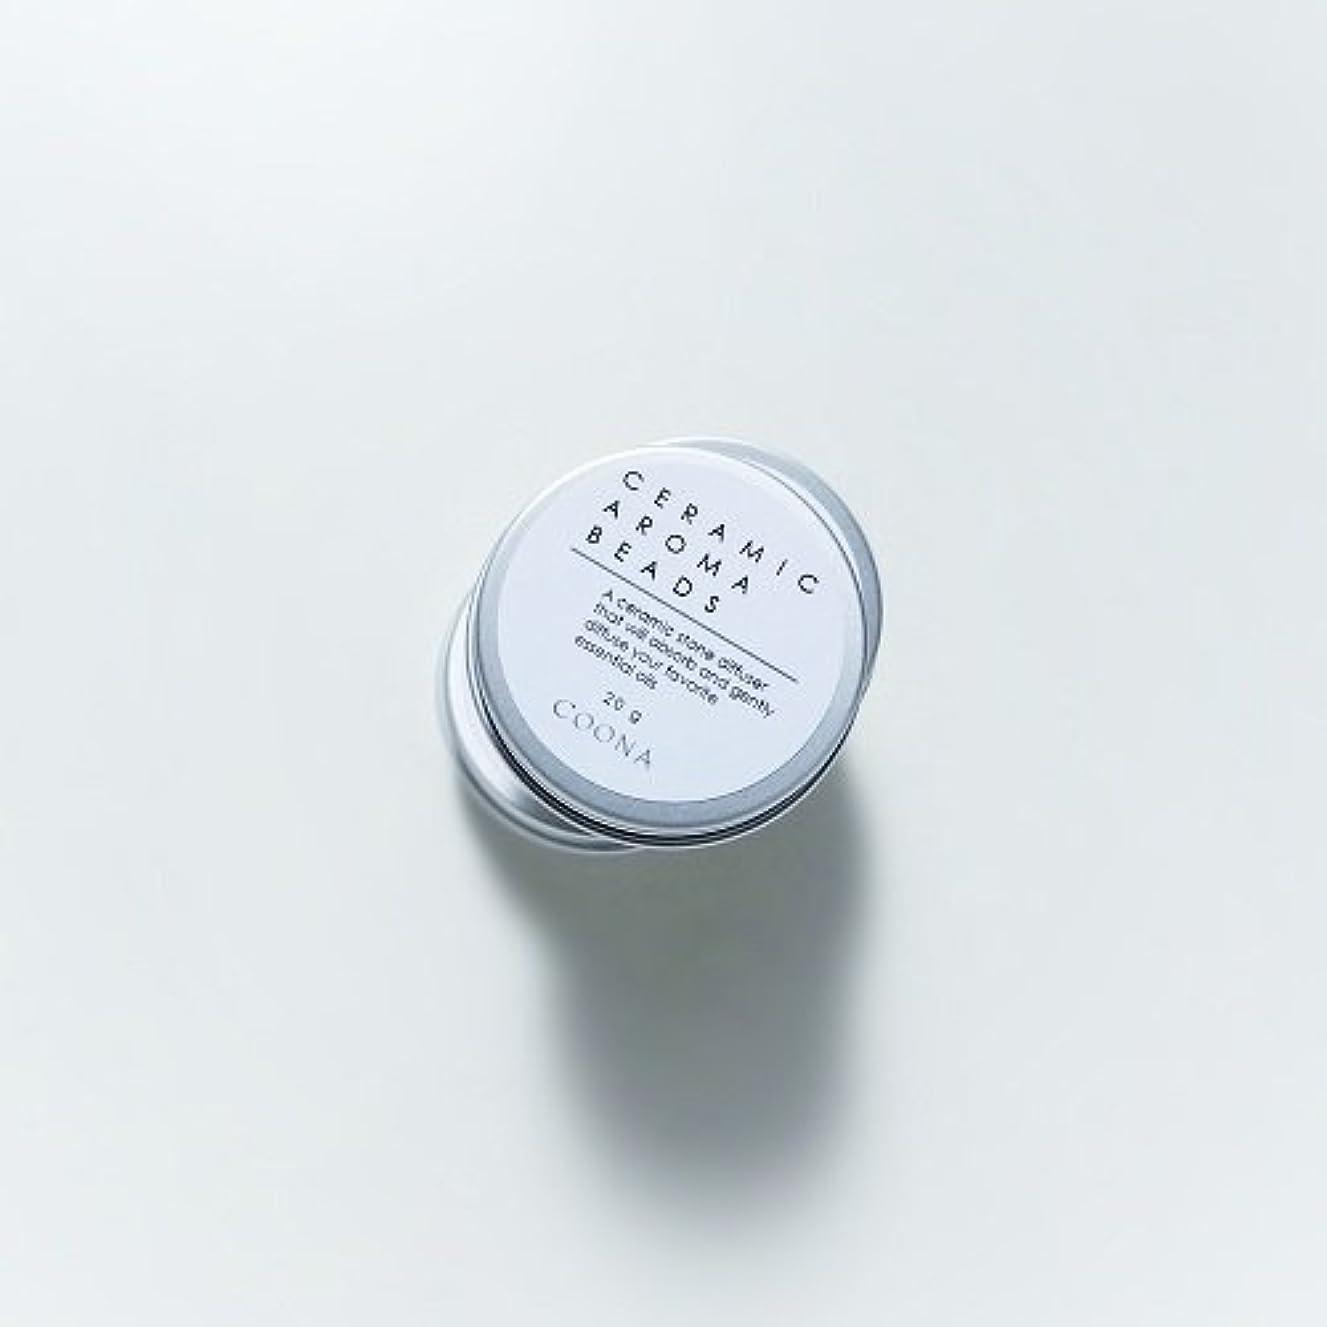 セラミックアロマビーズ(缶入り アロマストーン エコディフューザー)20g×1個